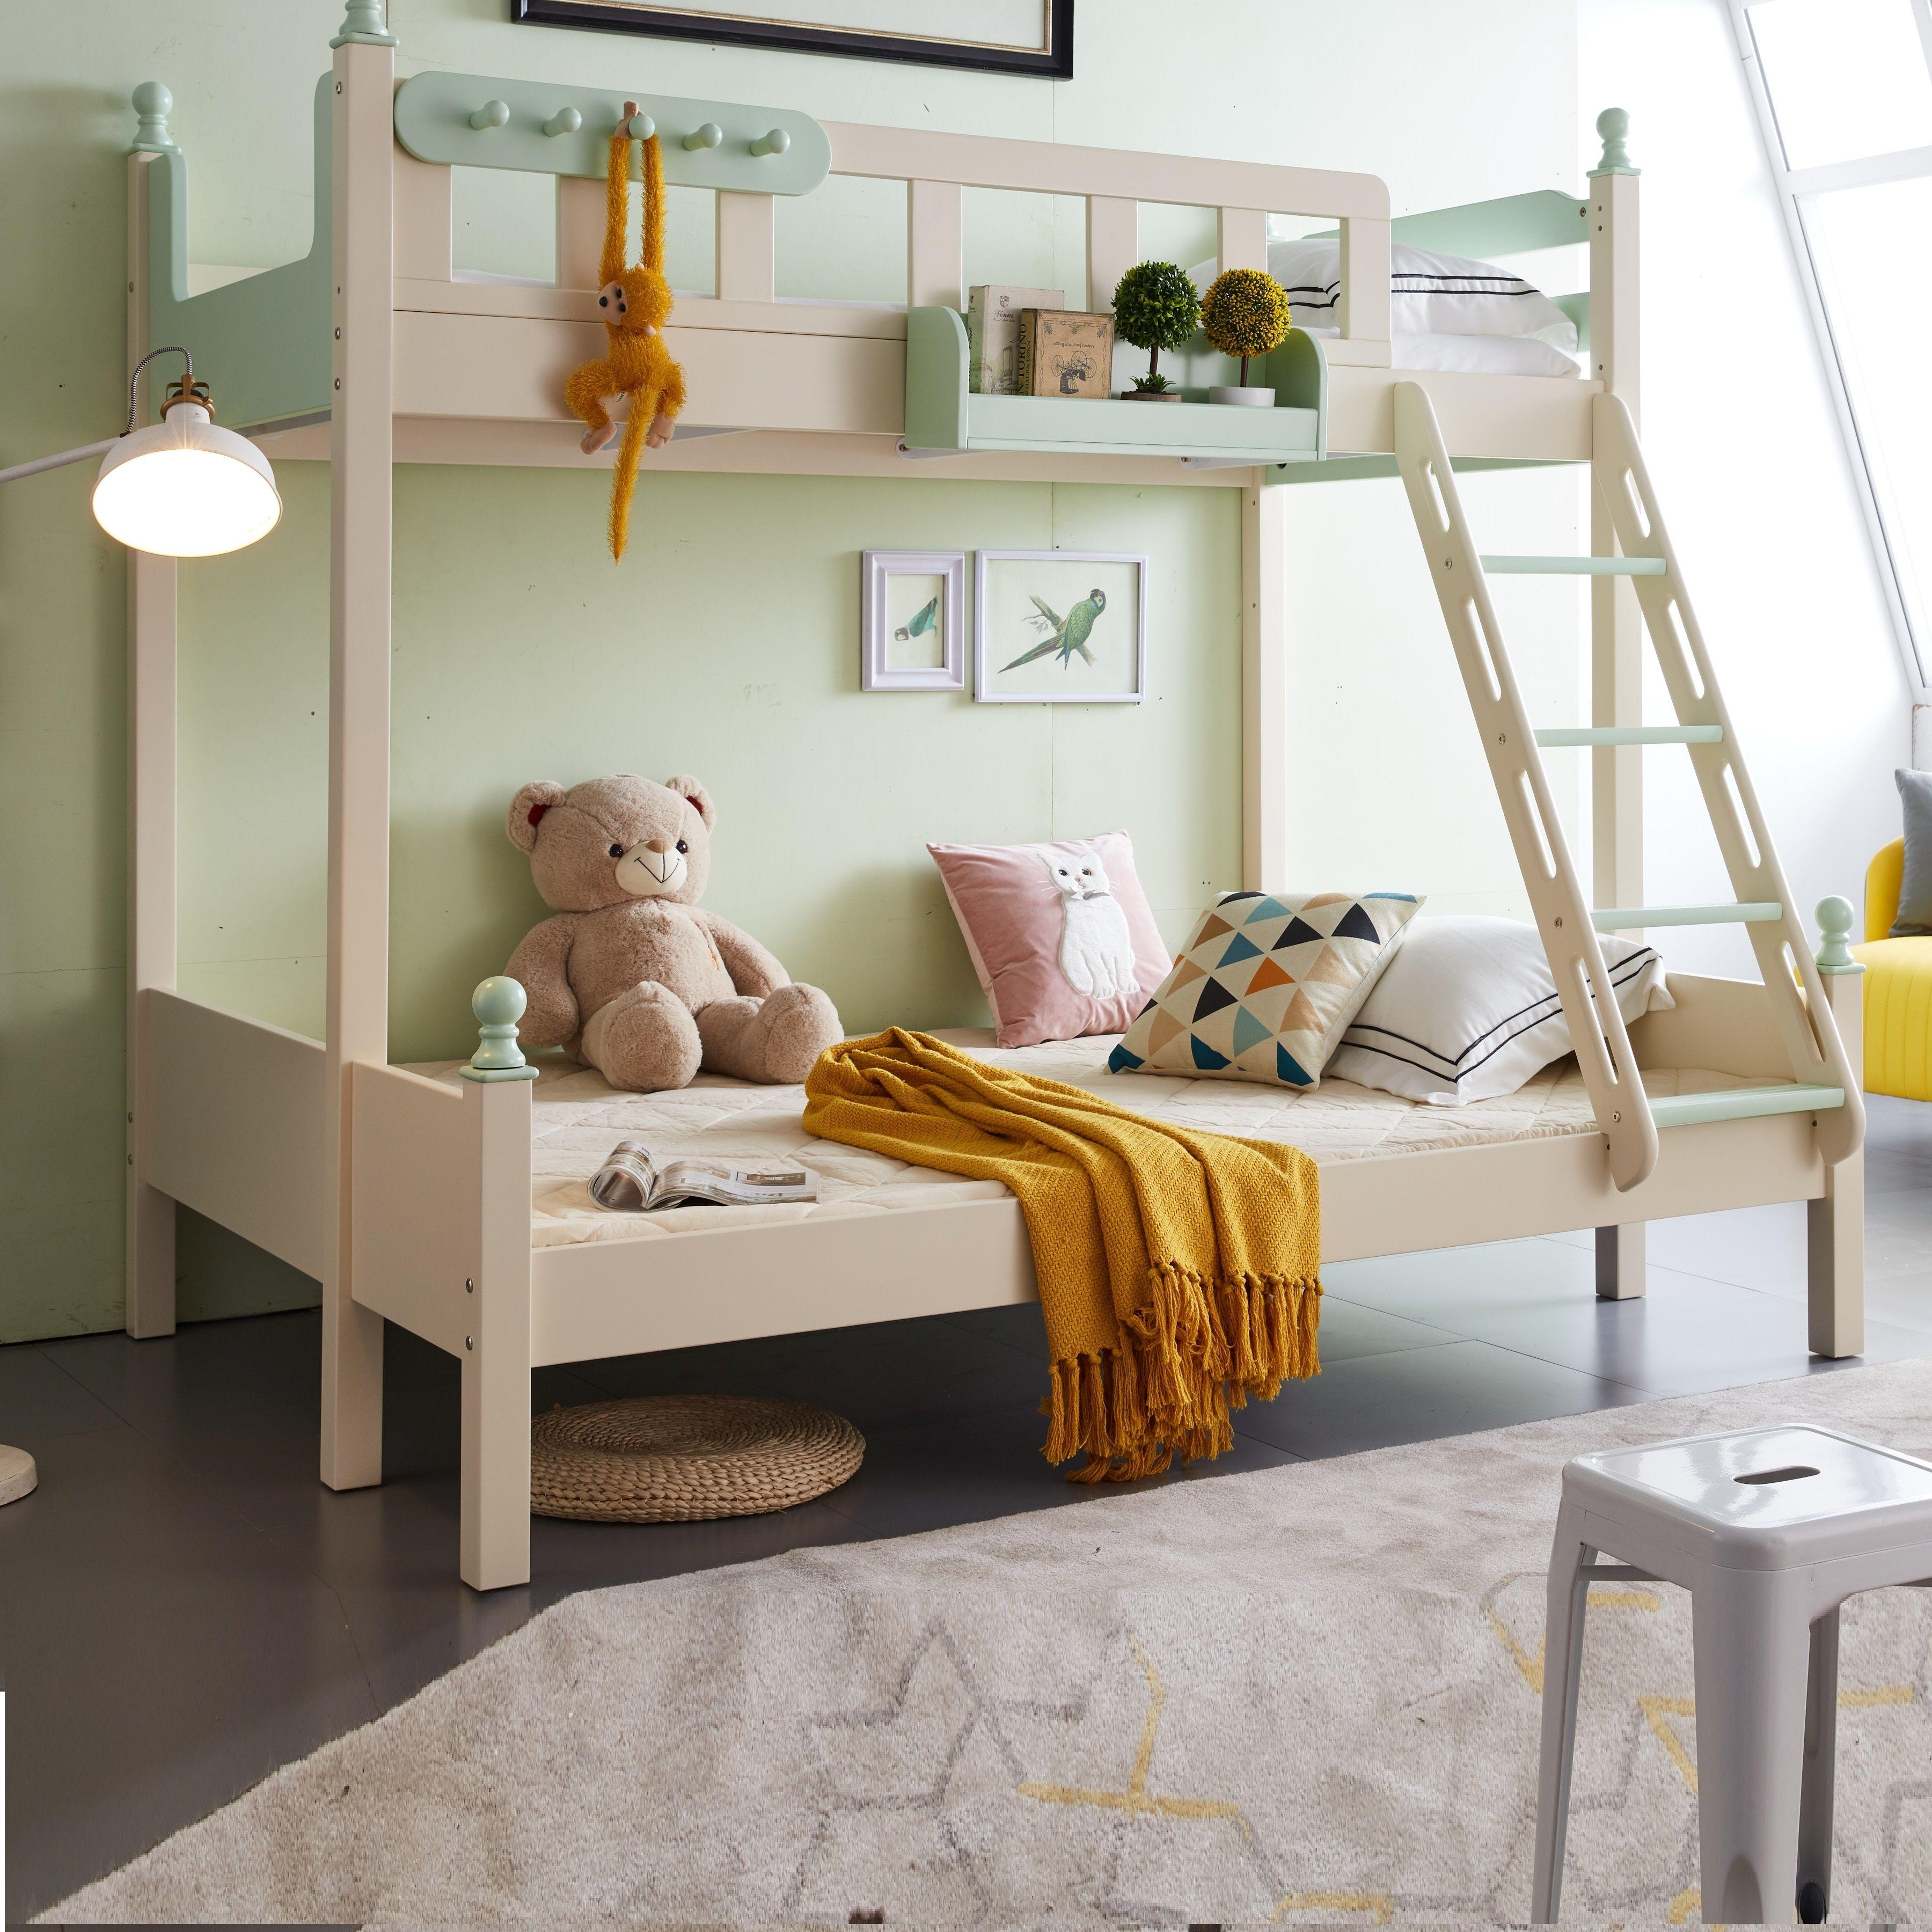 【玉槿之恋】高低床上下床双层床两层儿童床时尚简约橡木上下铺木床